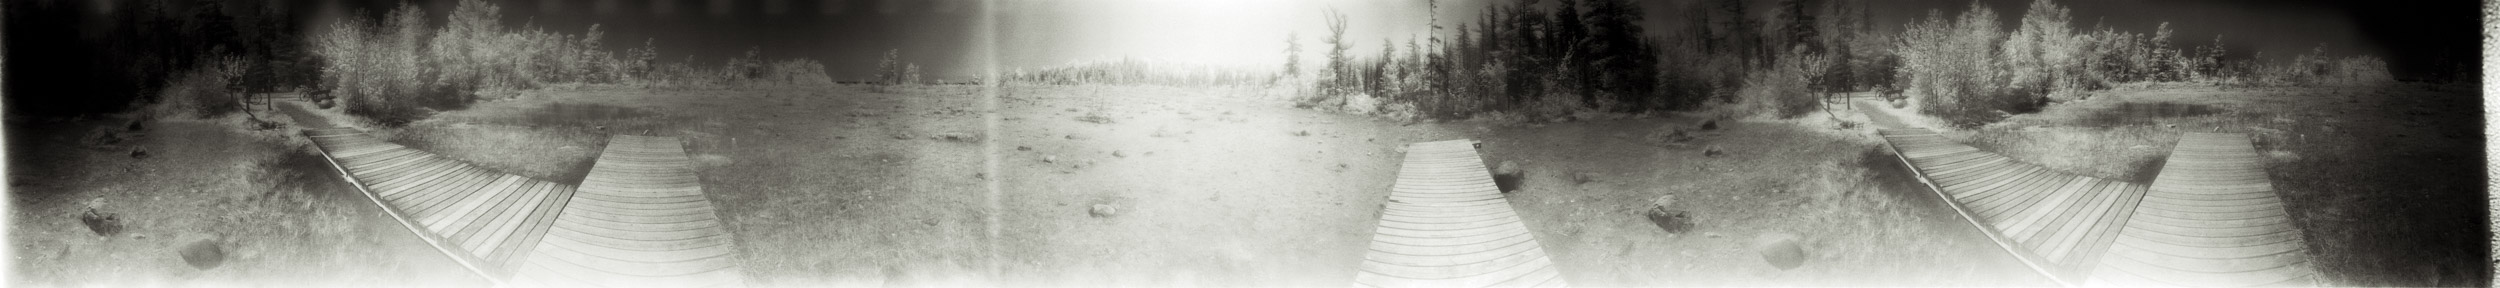 Into a marl pond